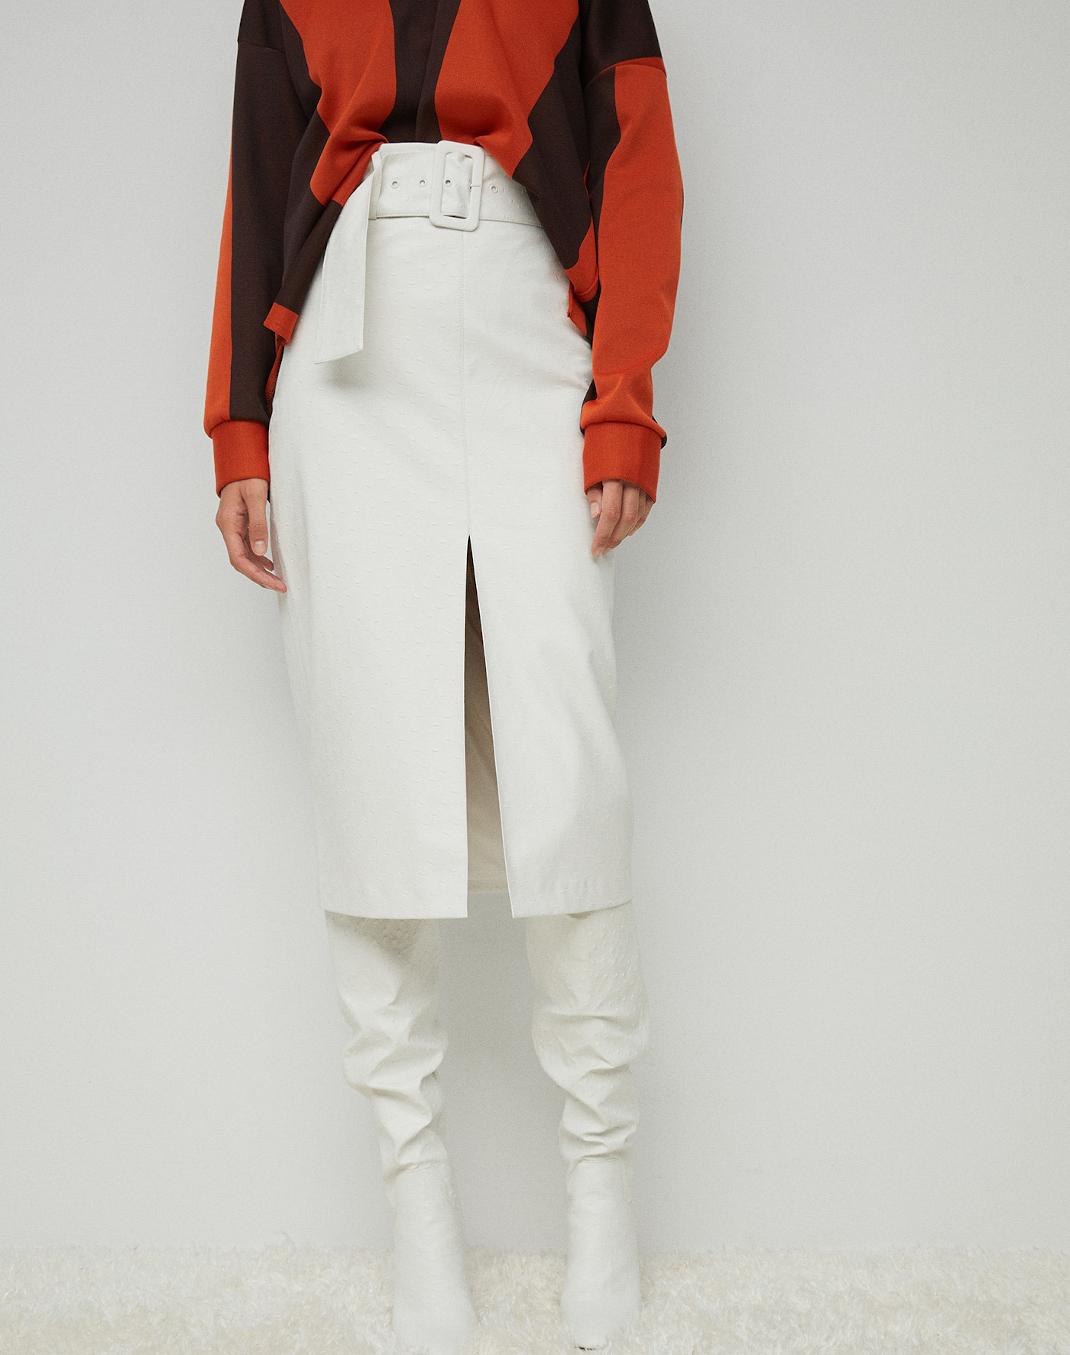 γυναίκα με δερμάτινη φούστα